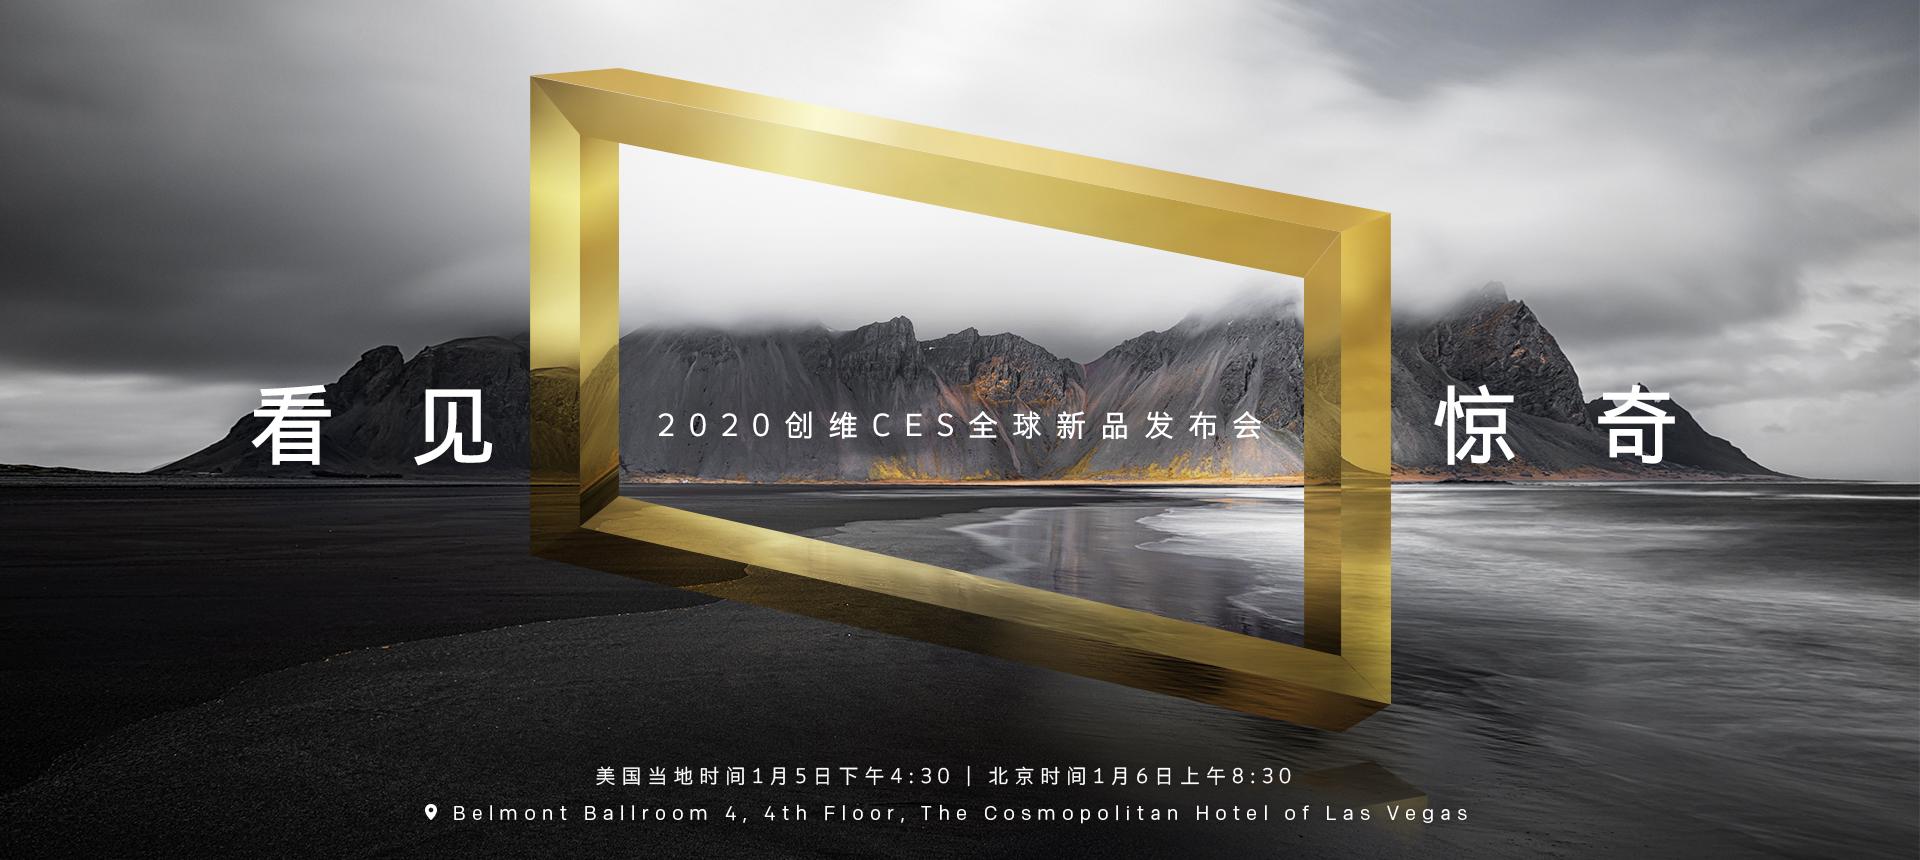 看见惊奇_2020创维CES全球新品发布会